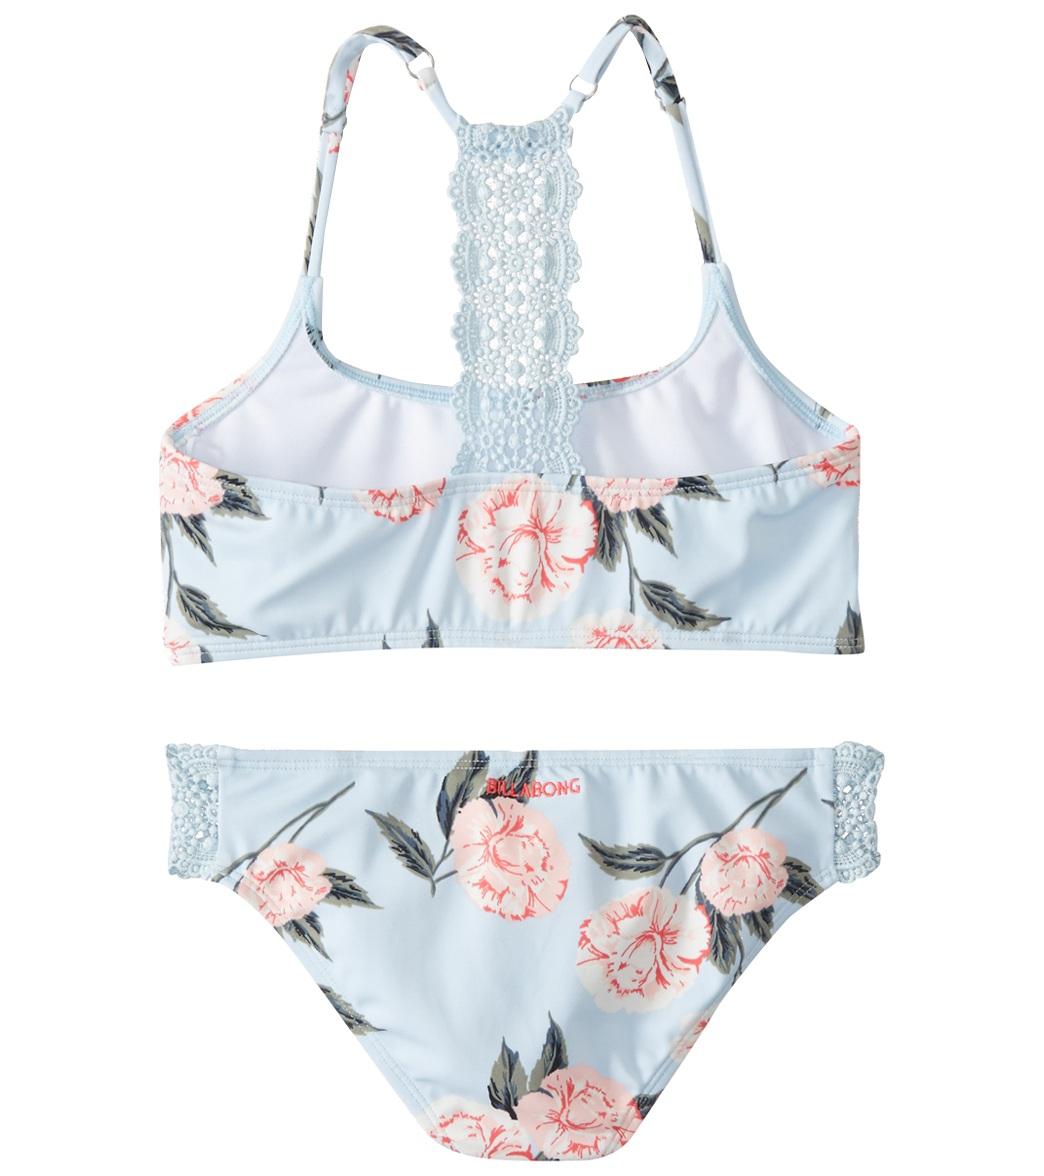 6f83294e0d Billabong Girls' Petal Daze Trilet Two Piece Bikini Set (Big Kid)